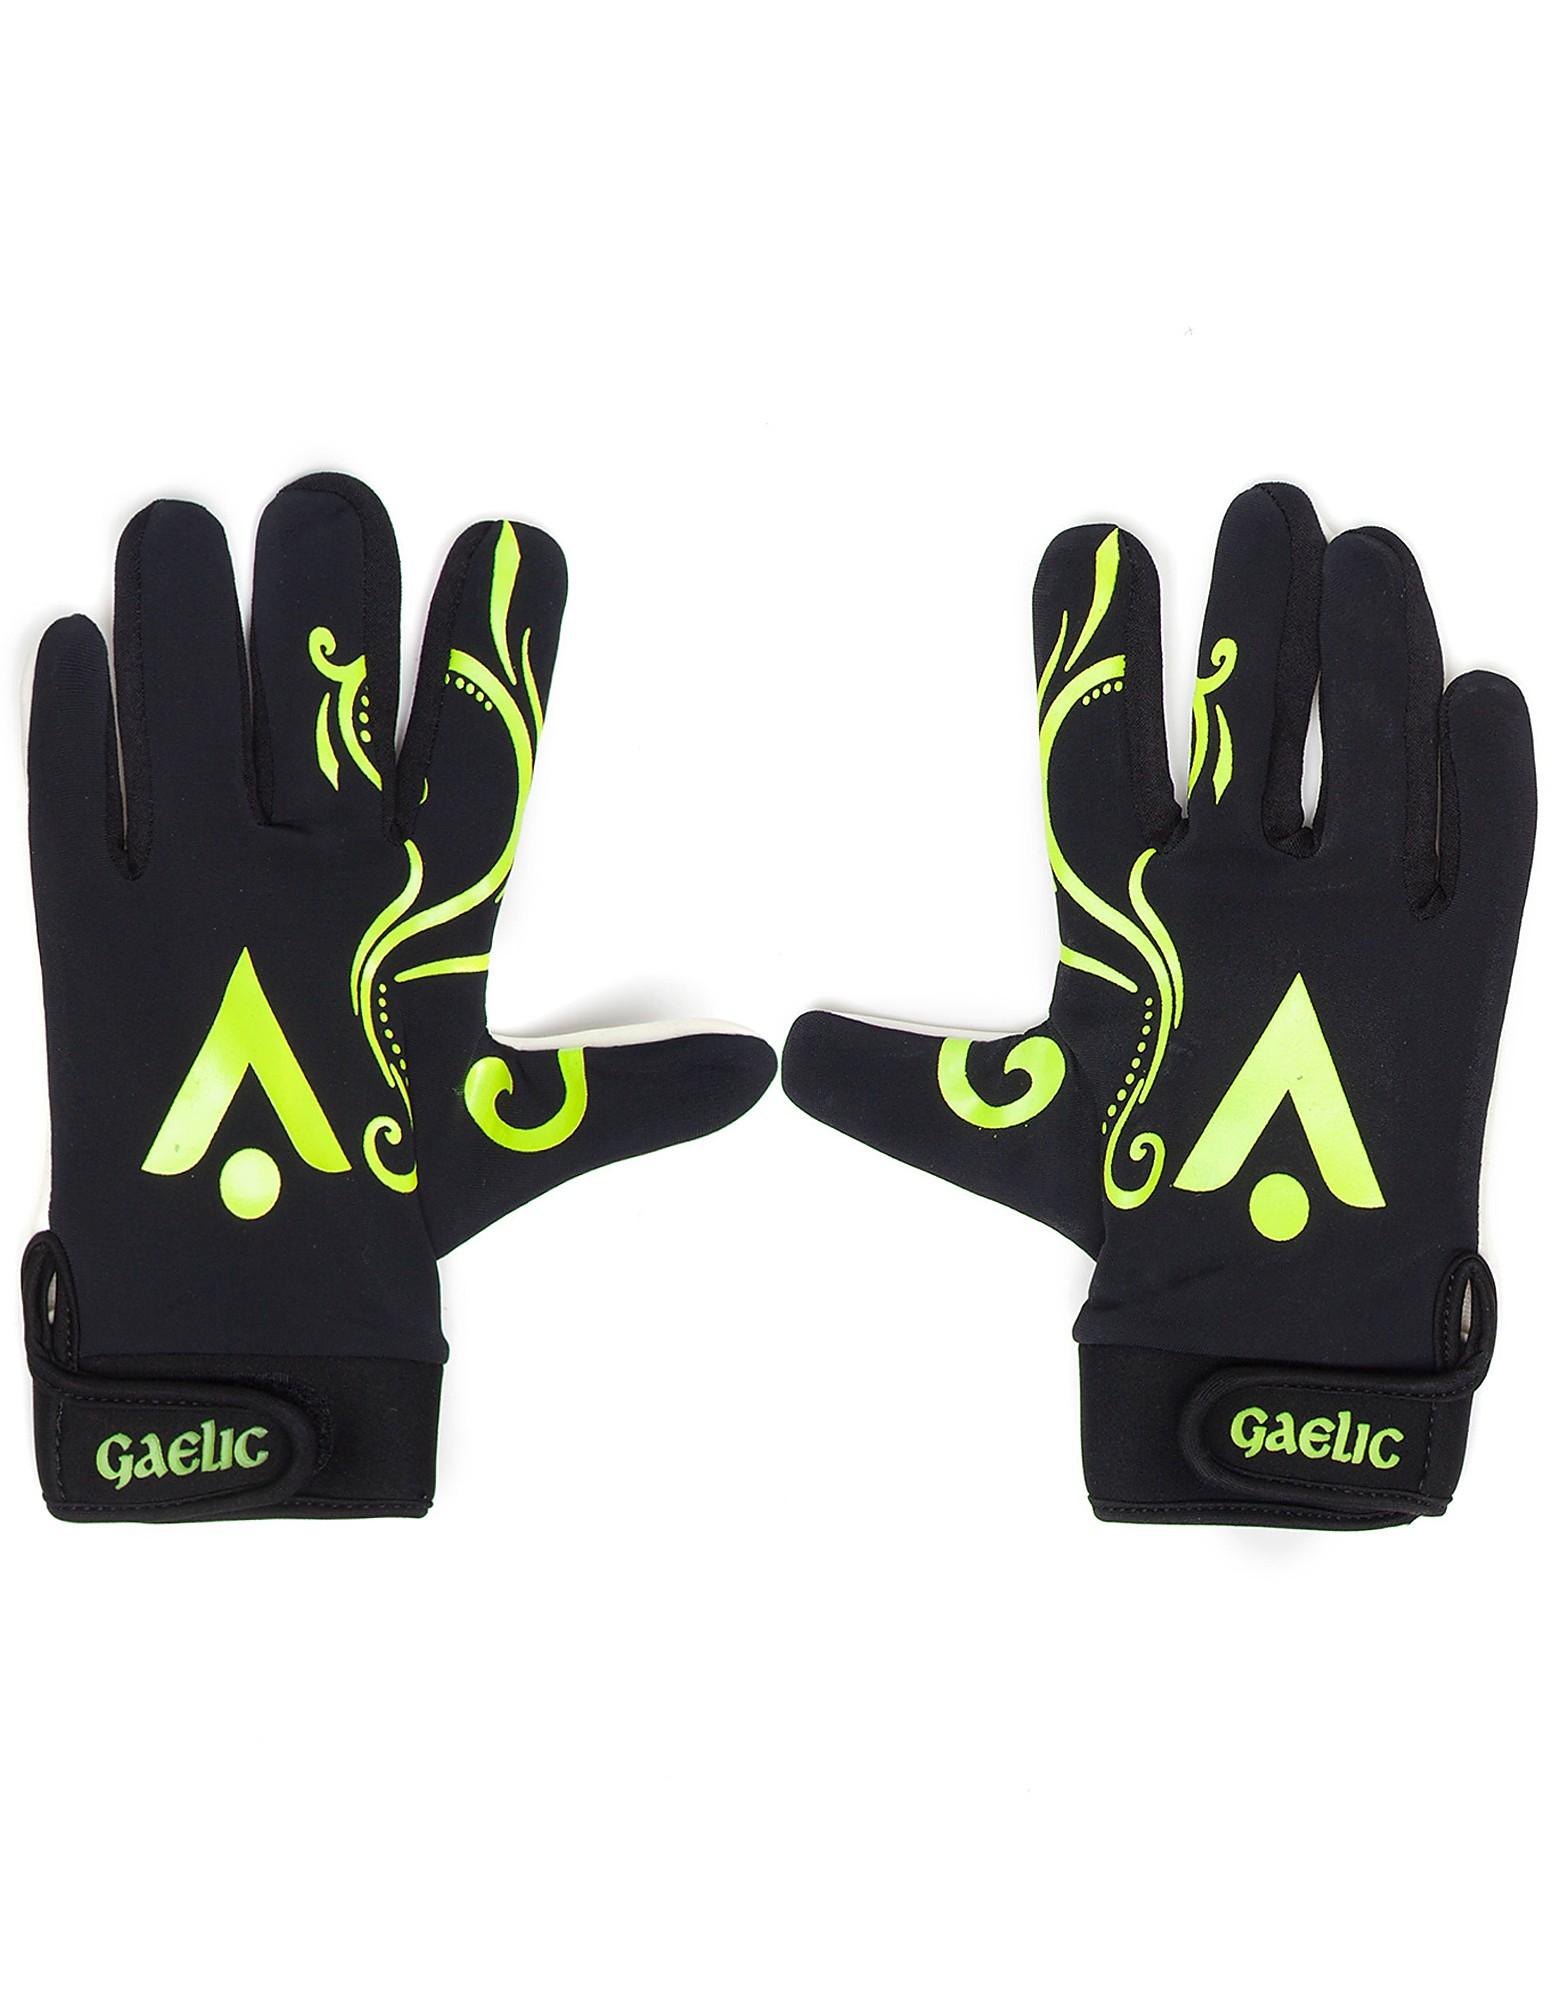 Daricia Karakal Gaelic handschoenen - Zwart - Heren